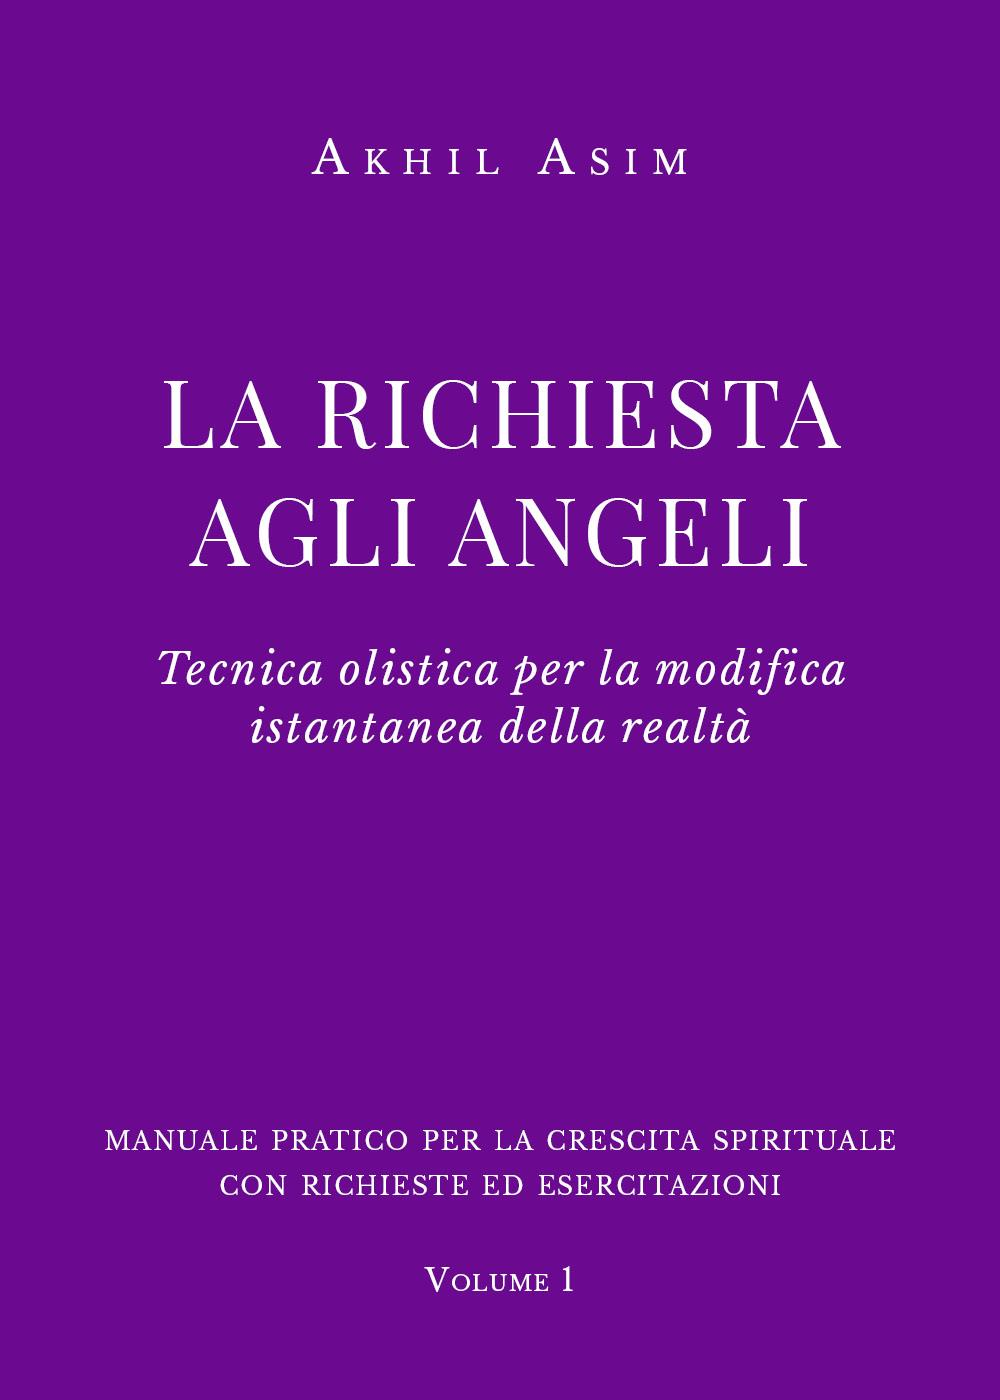 La Richiesta agli Angeli - Tecnica olistica per la modifica istantanea della realtà